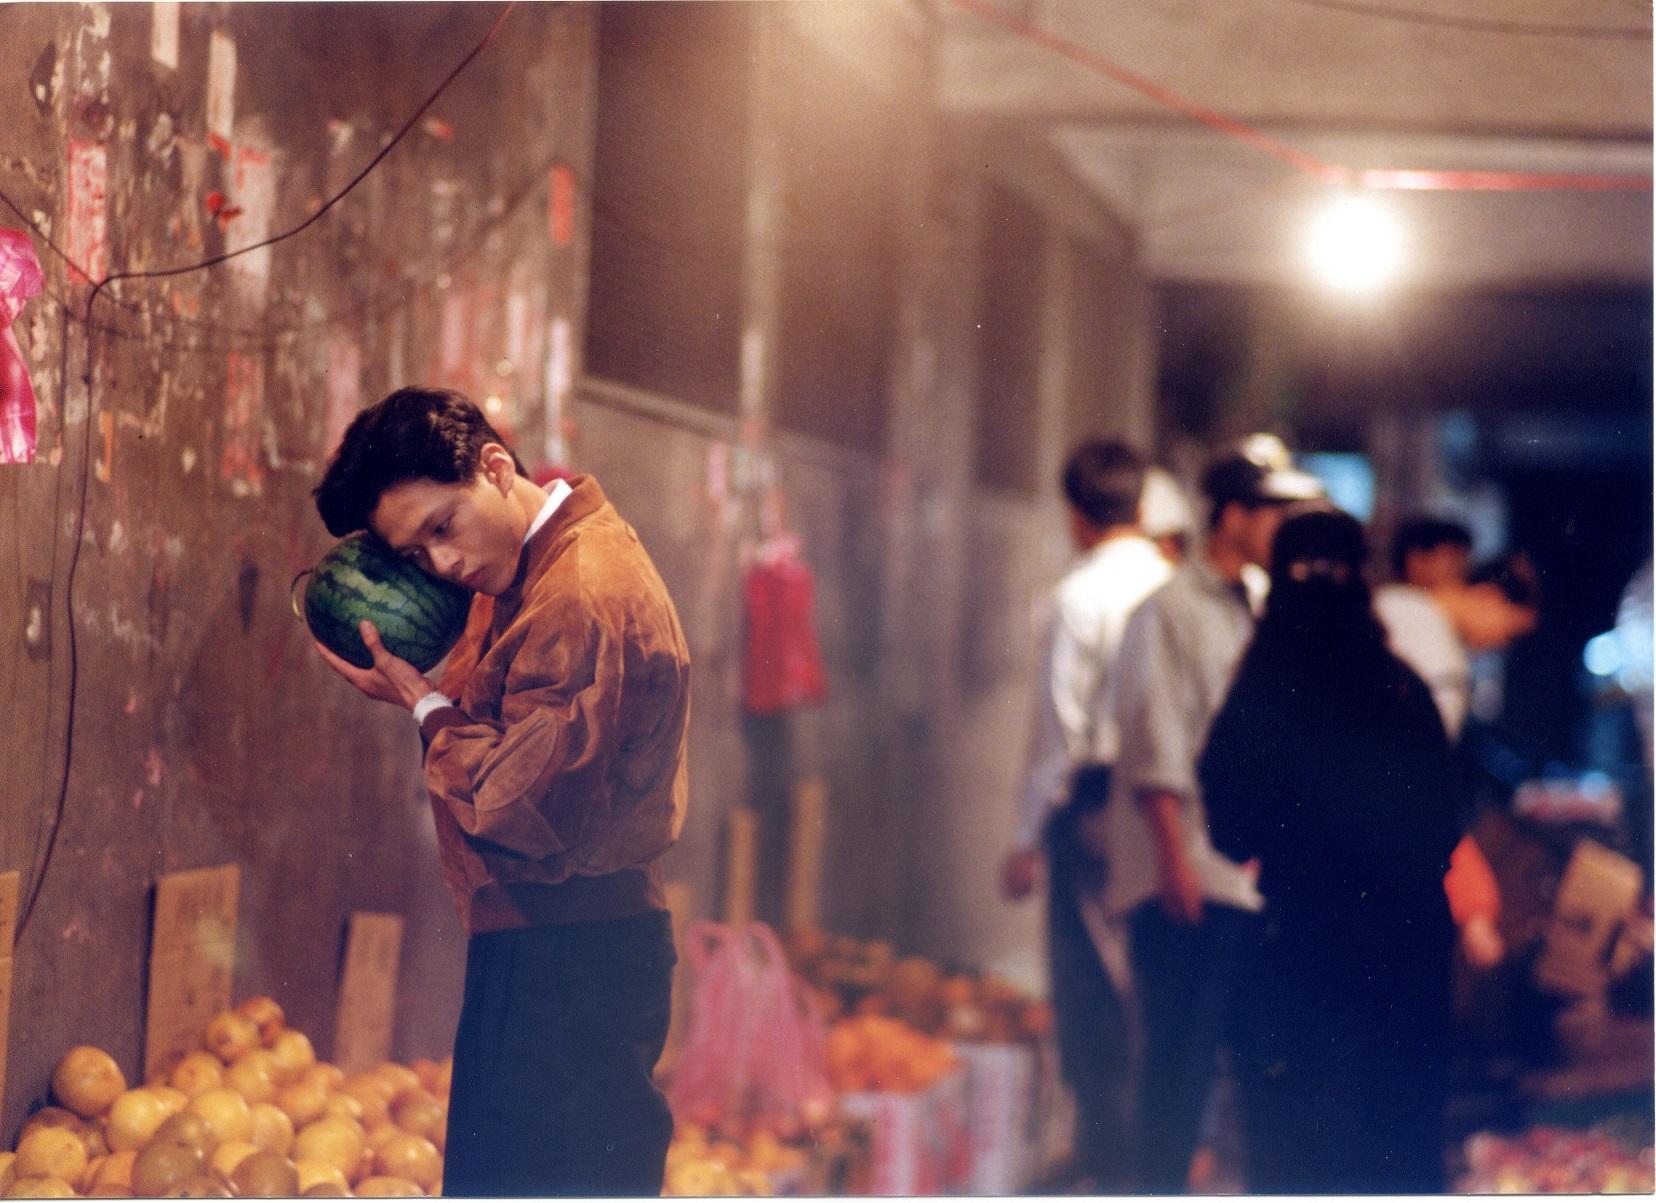 Una scena da Vive l'amour (1994) di Tsai Ming Liang